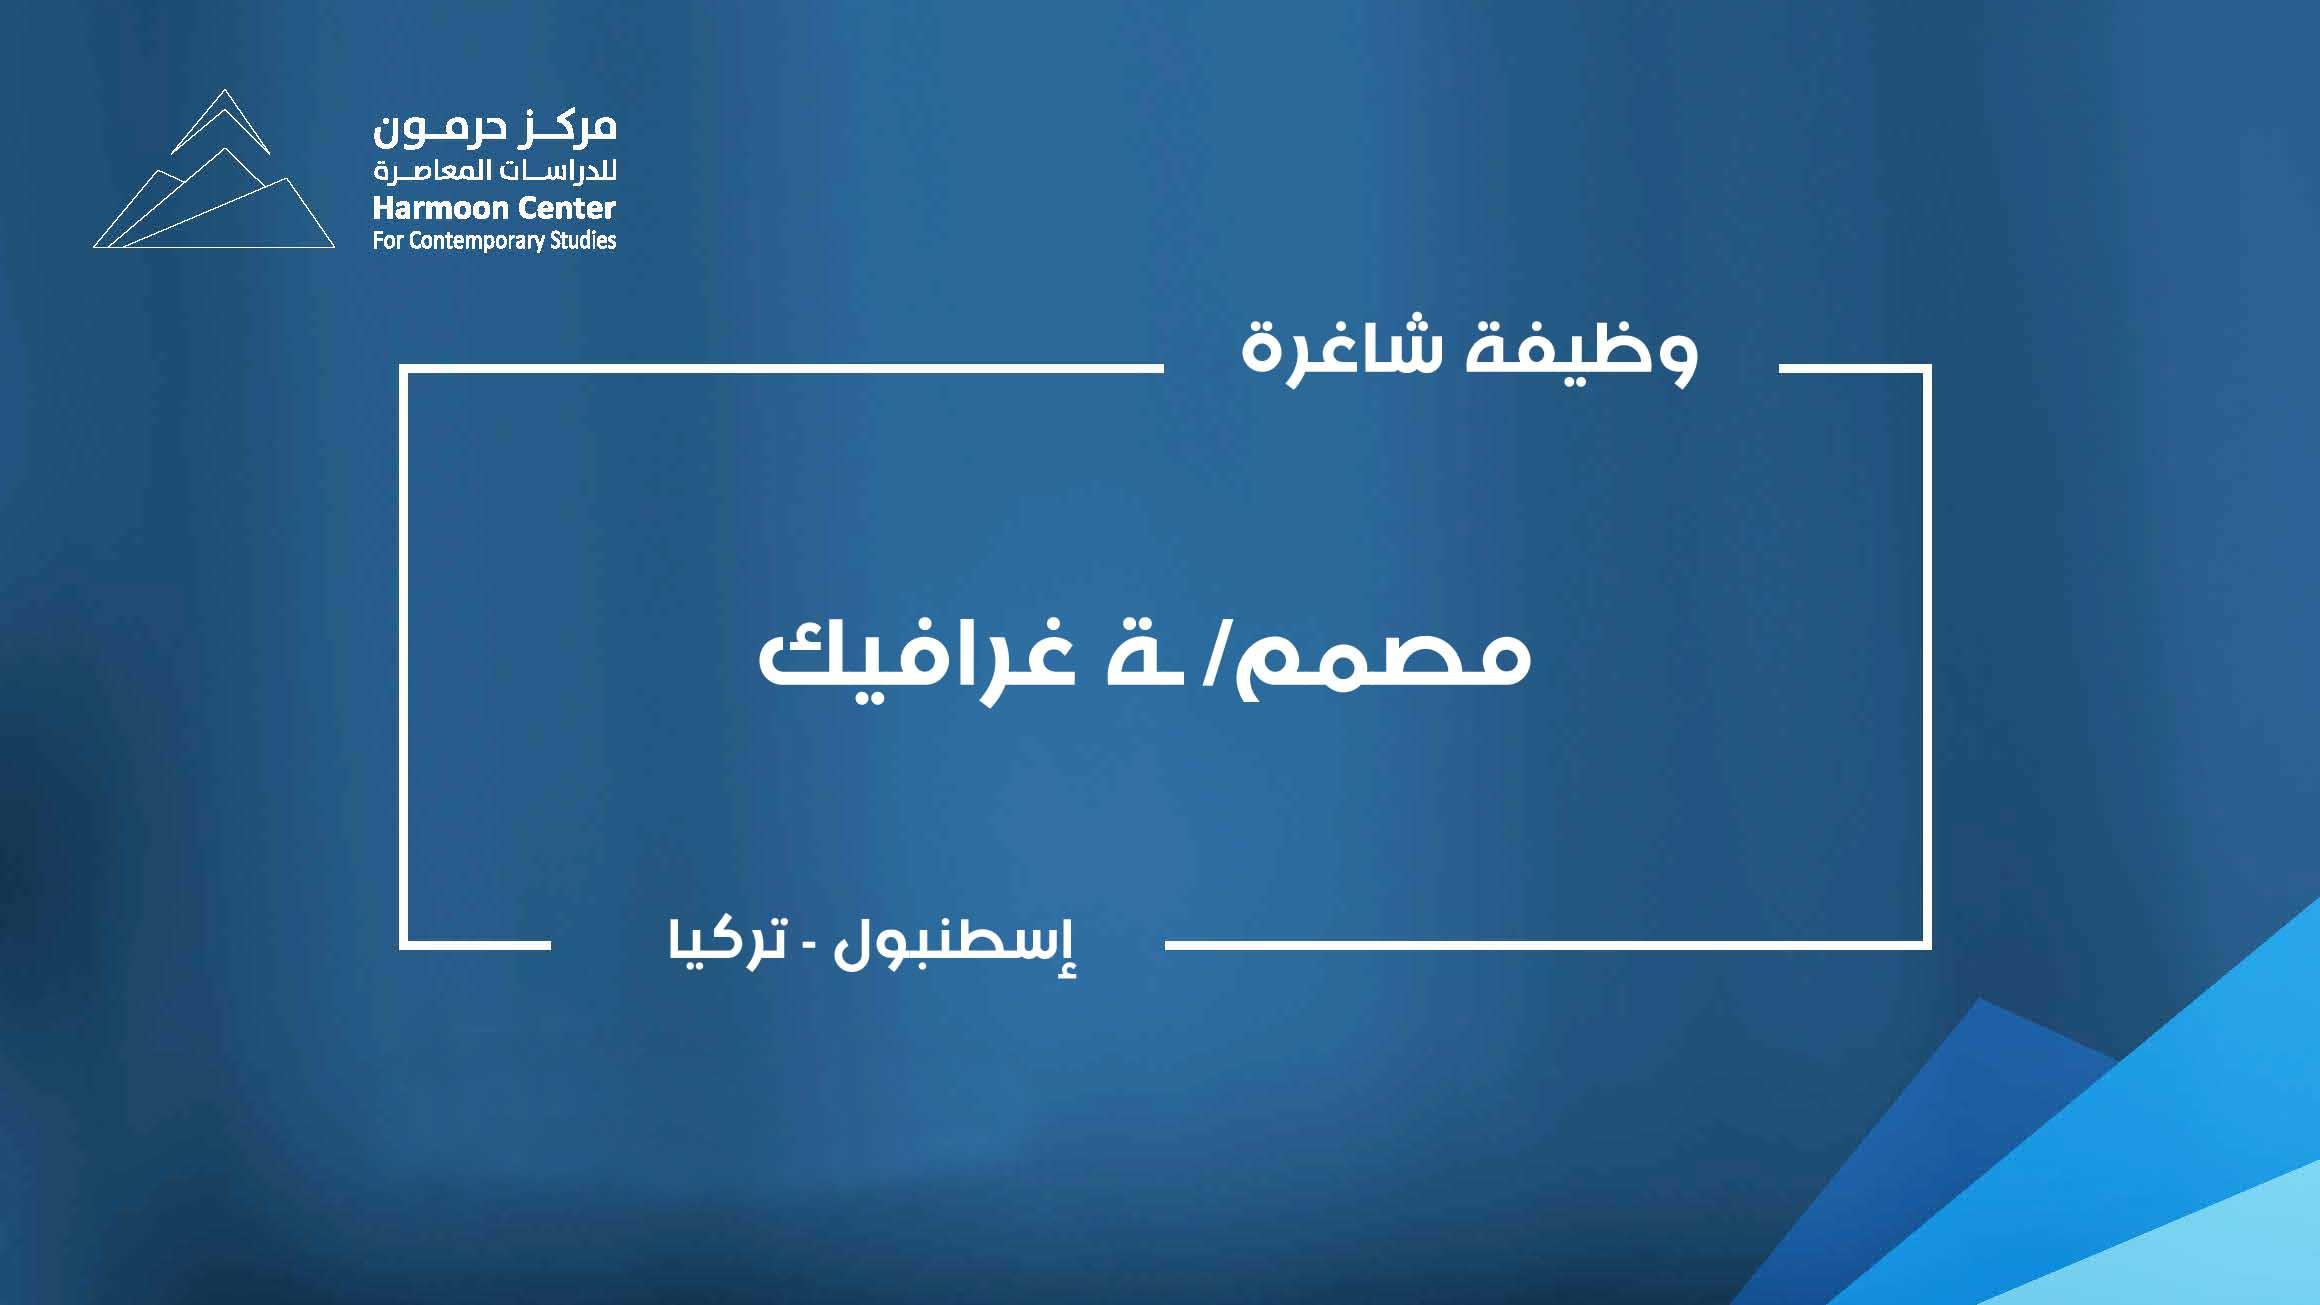 إعلان وظيفة شاغرة: مصمم/ة غرافيك